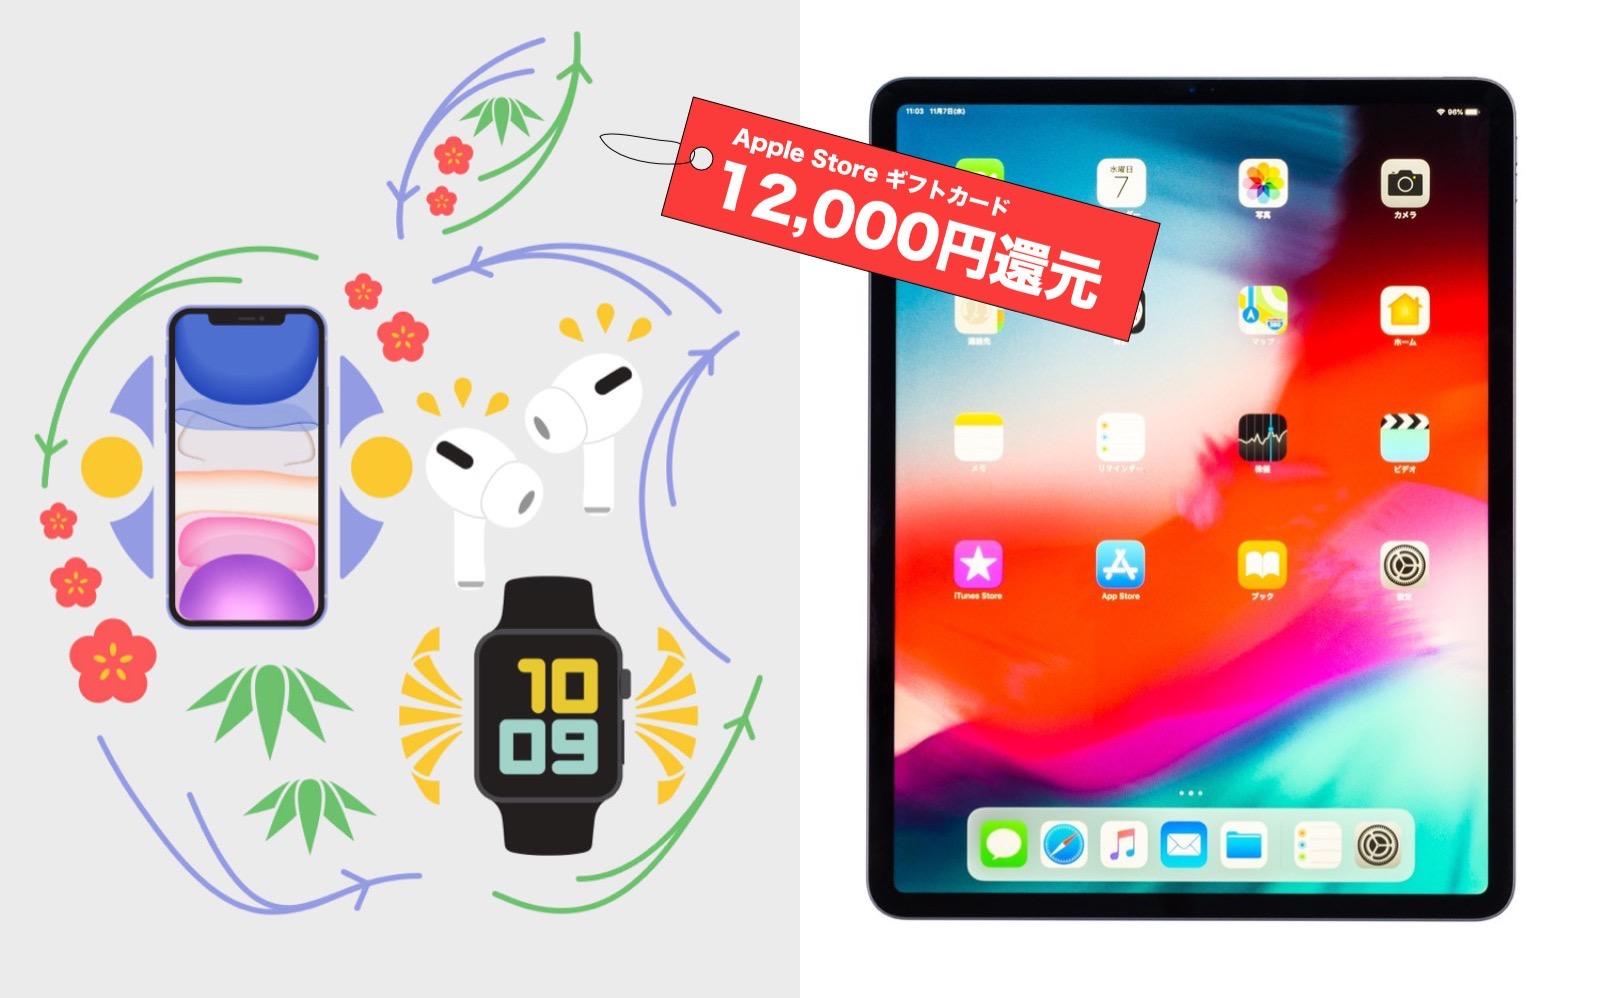 Ipadpro Sale for Apple NewYearsSale2021